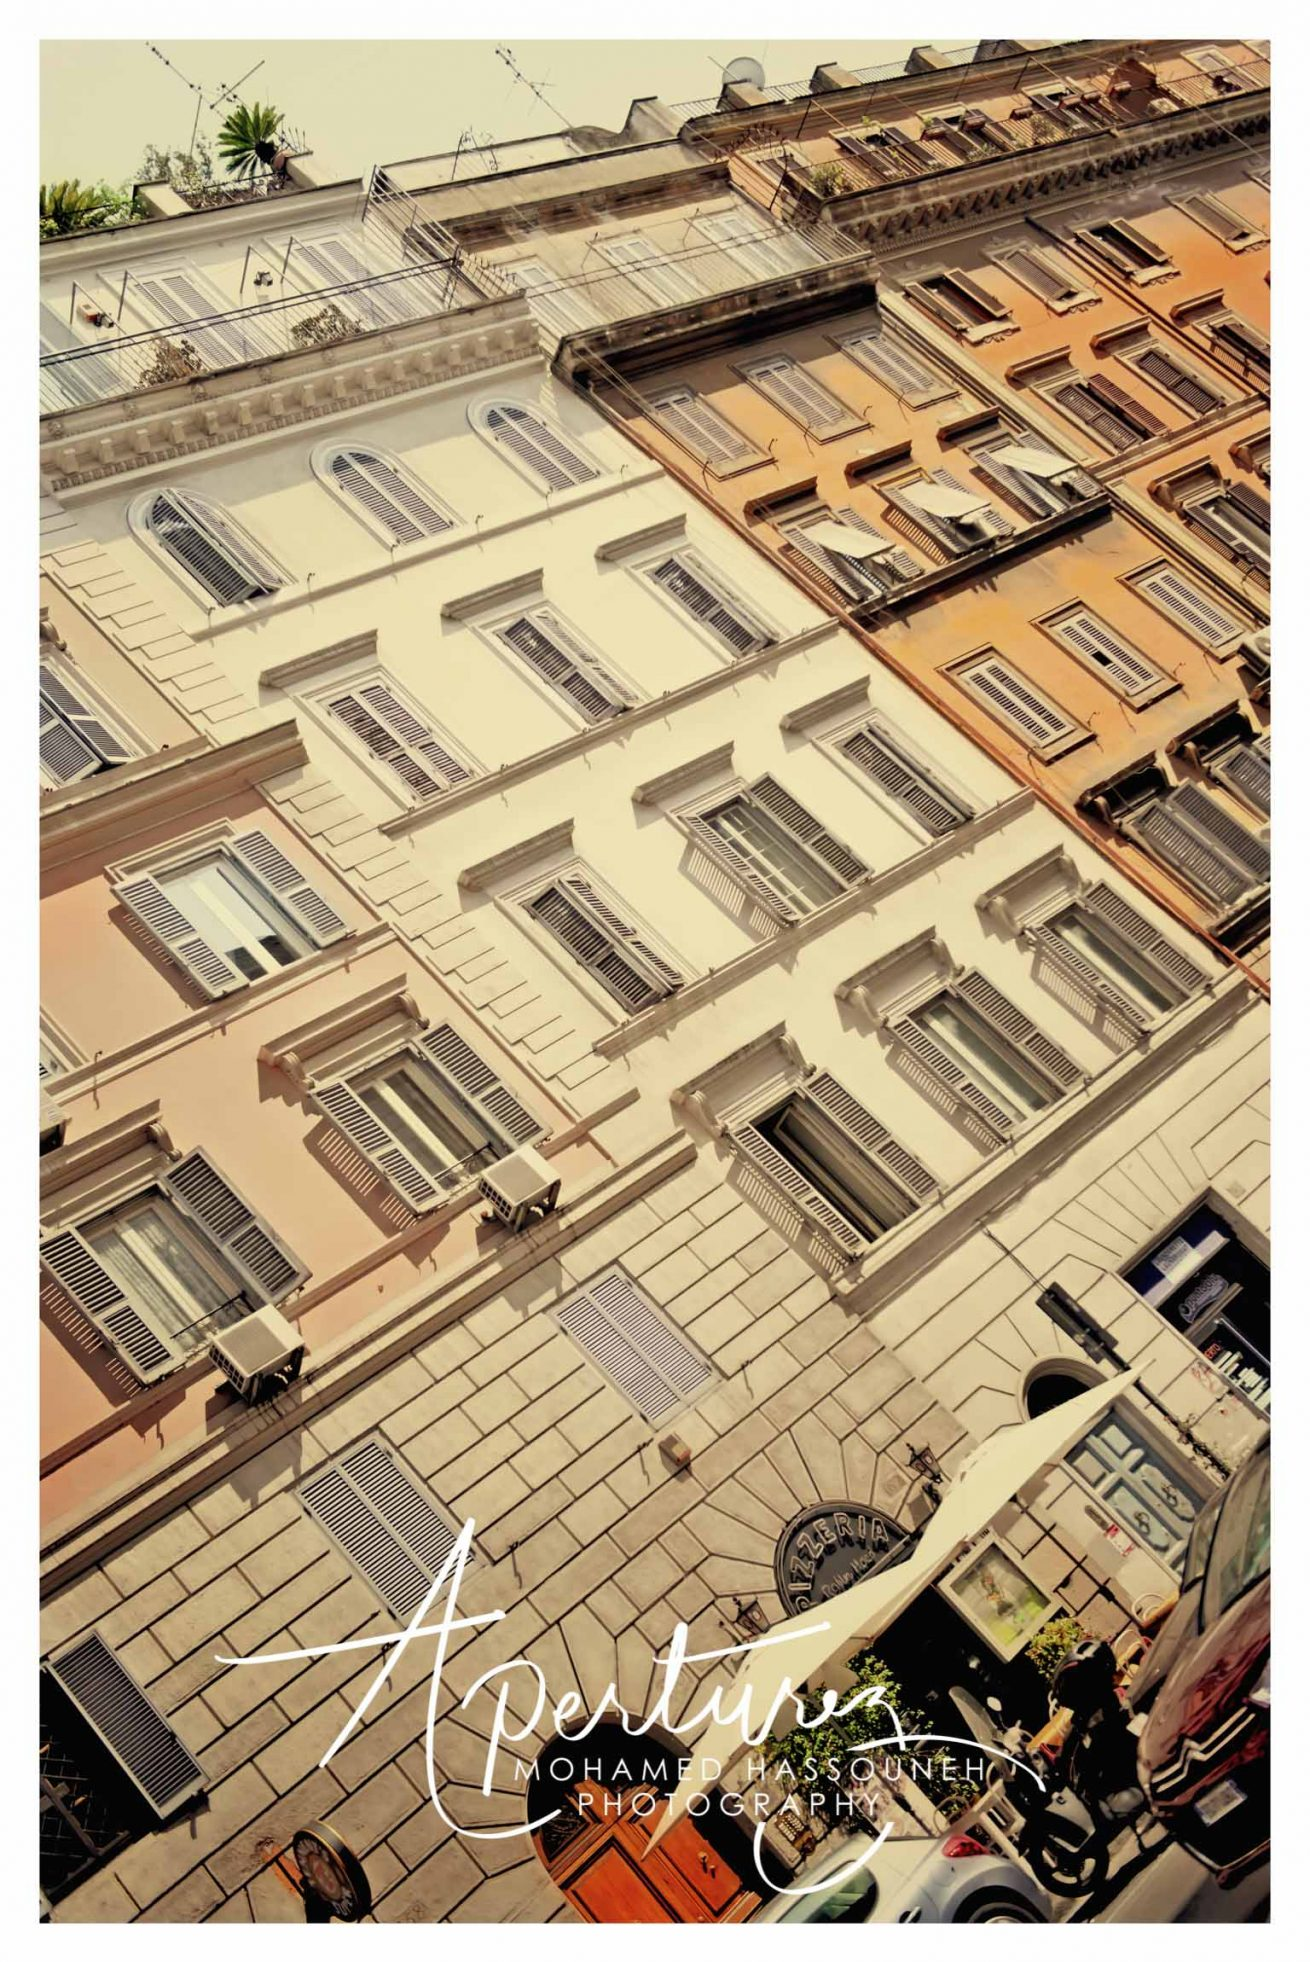 166 Via Cavour Rome